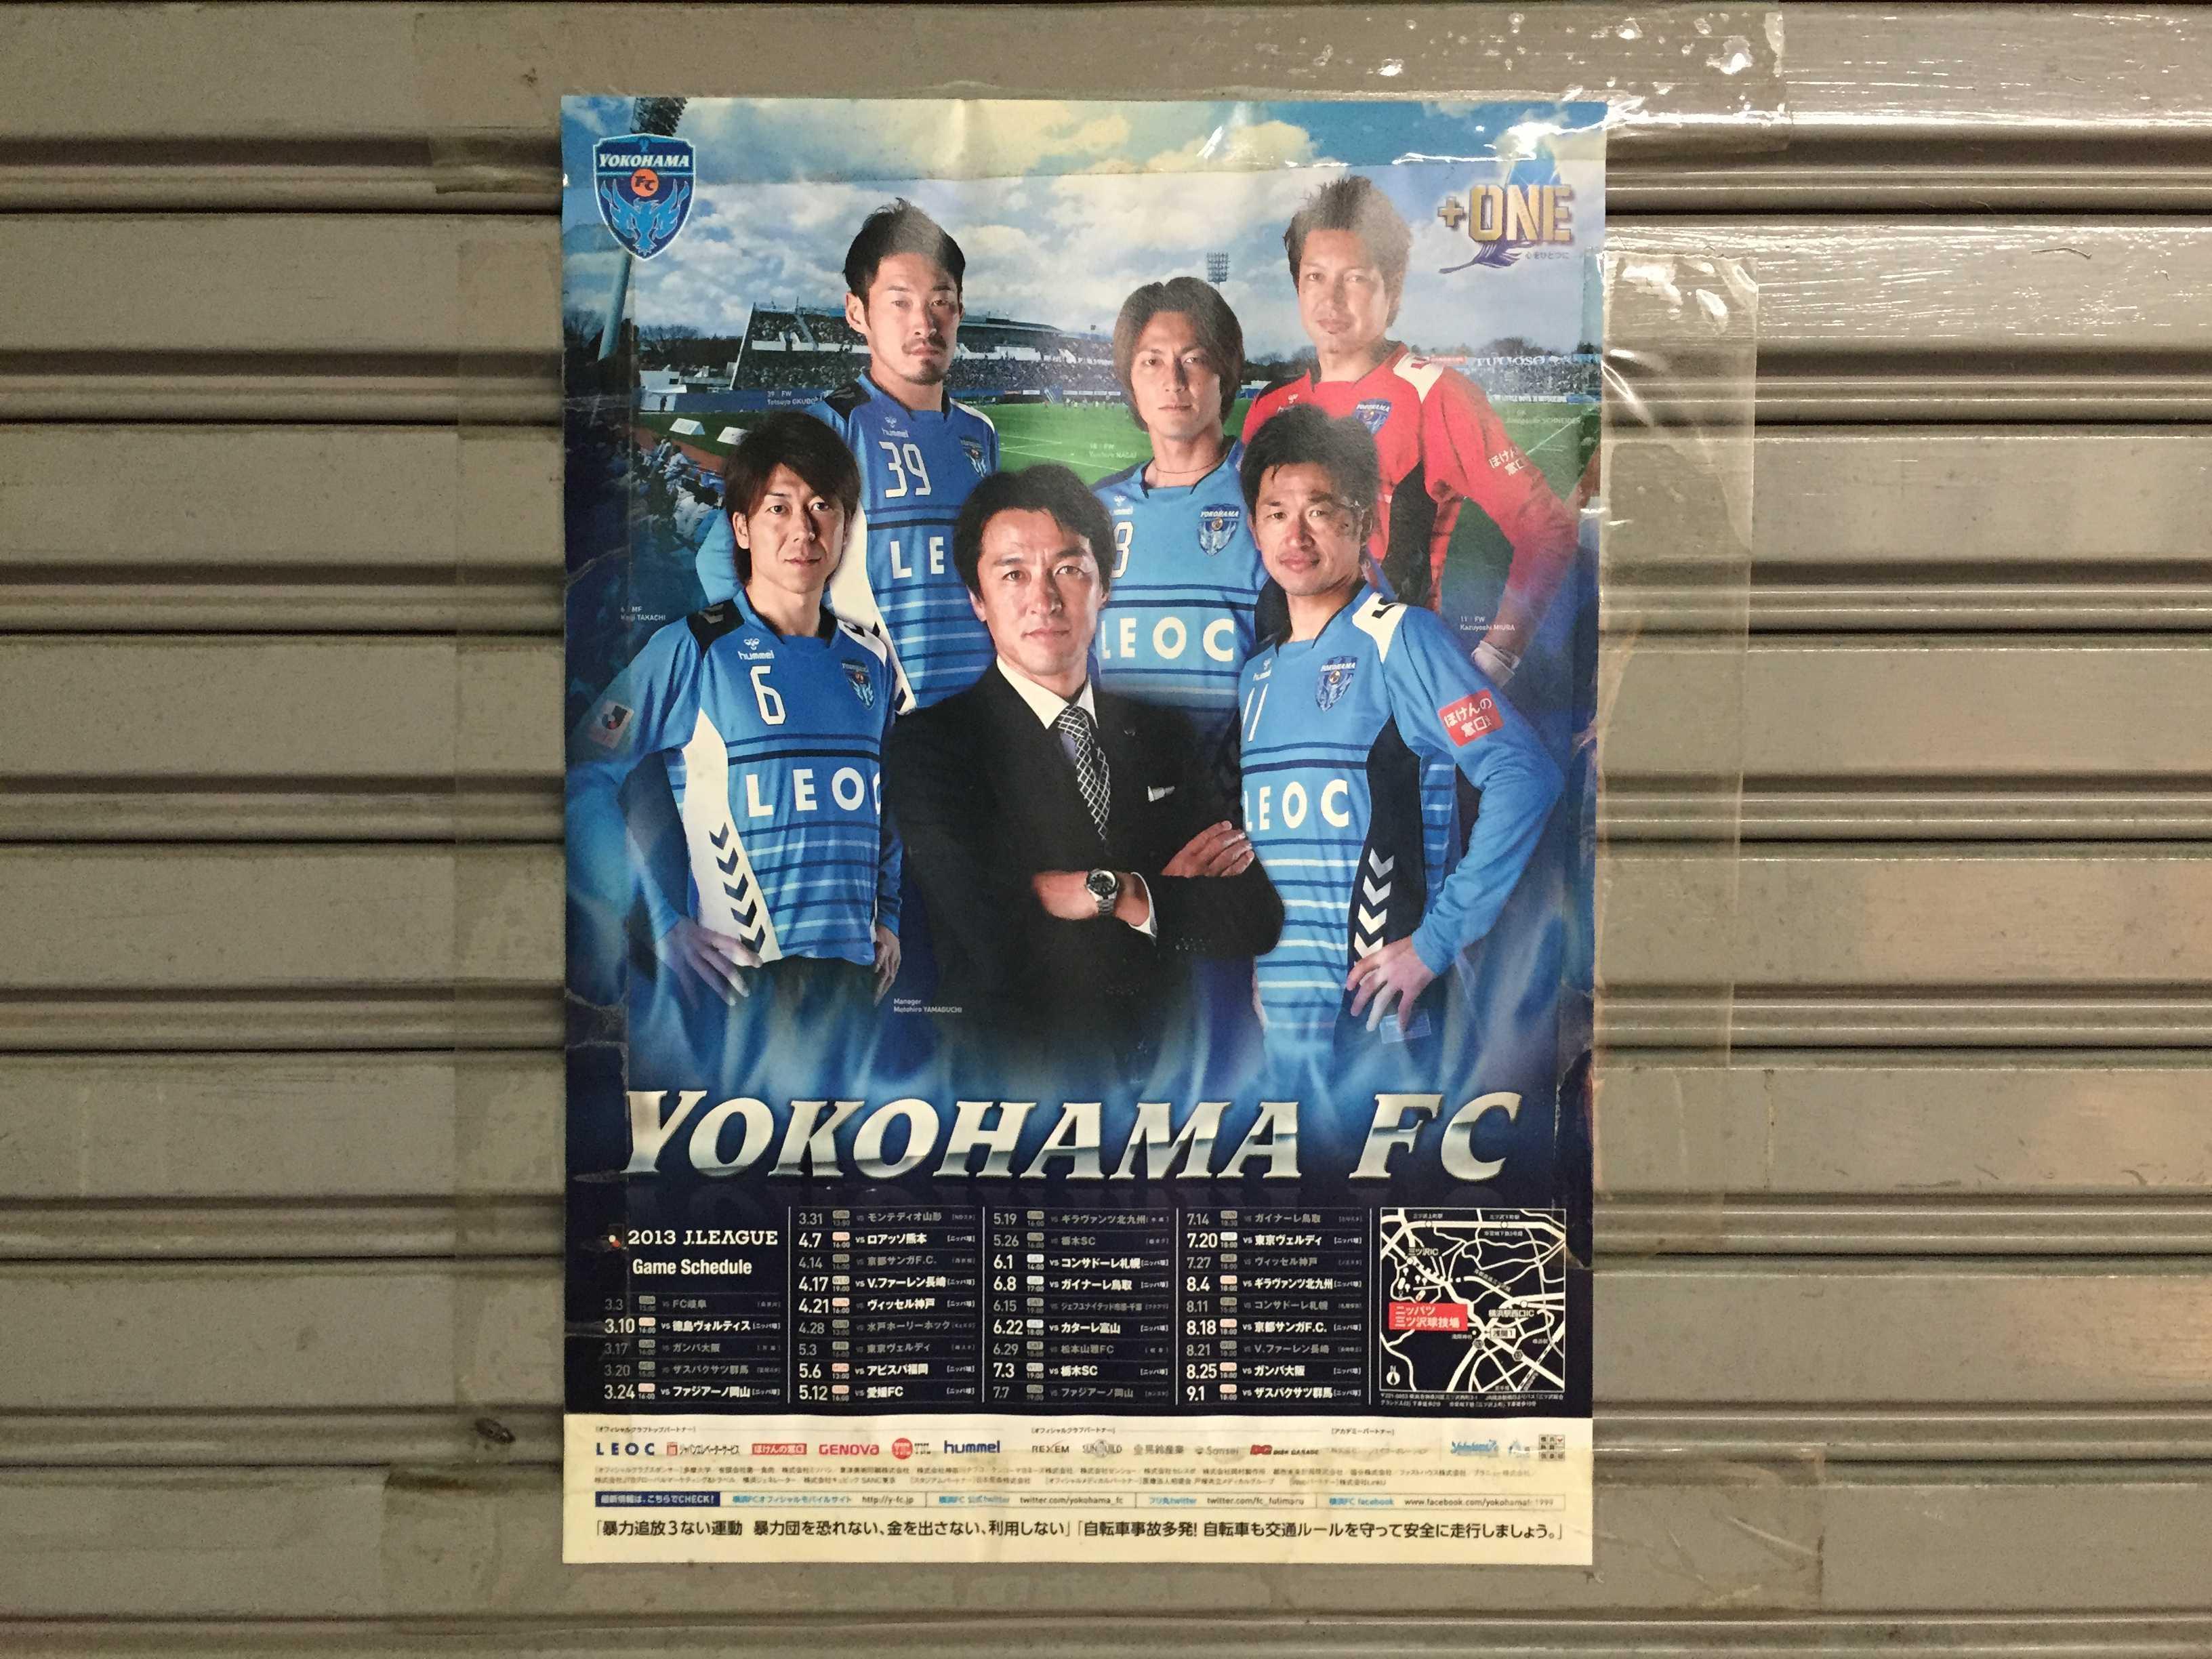 横浜FCのポスター - 希望ヶ丘ショッピングセンター